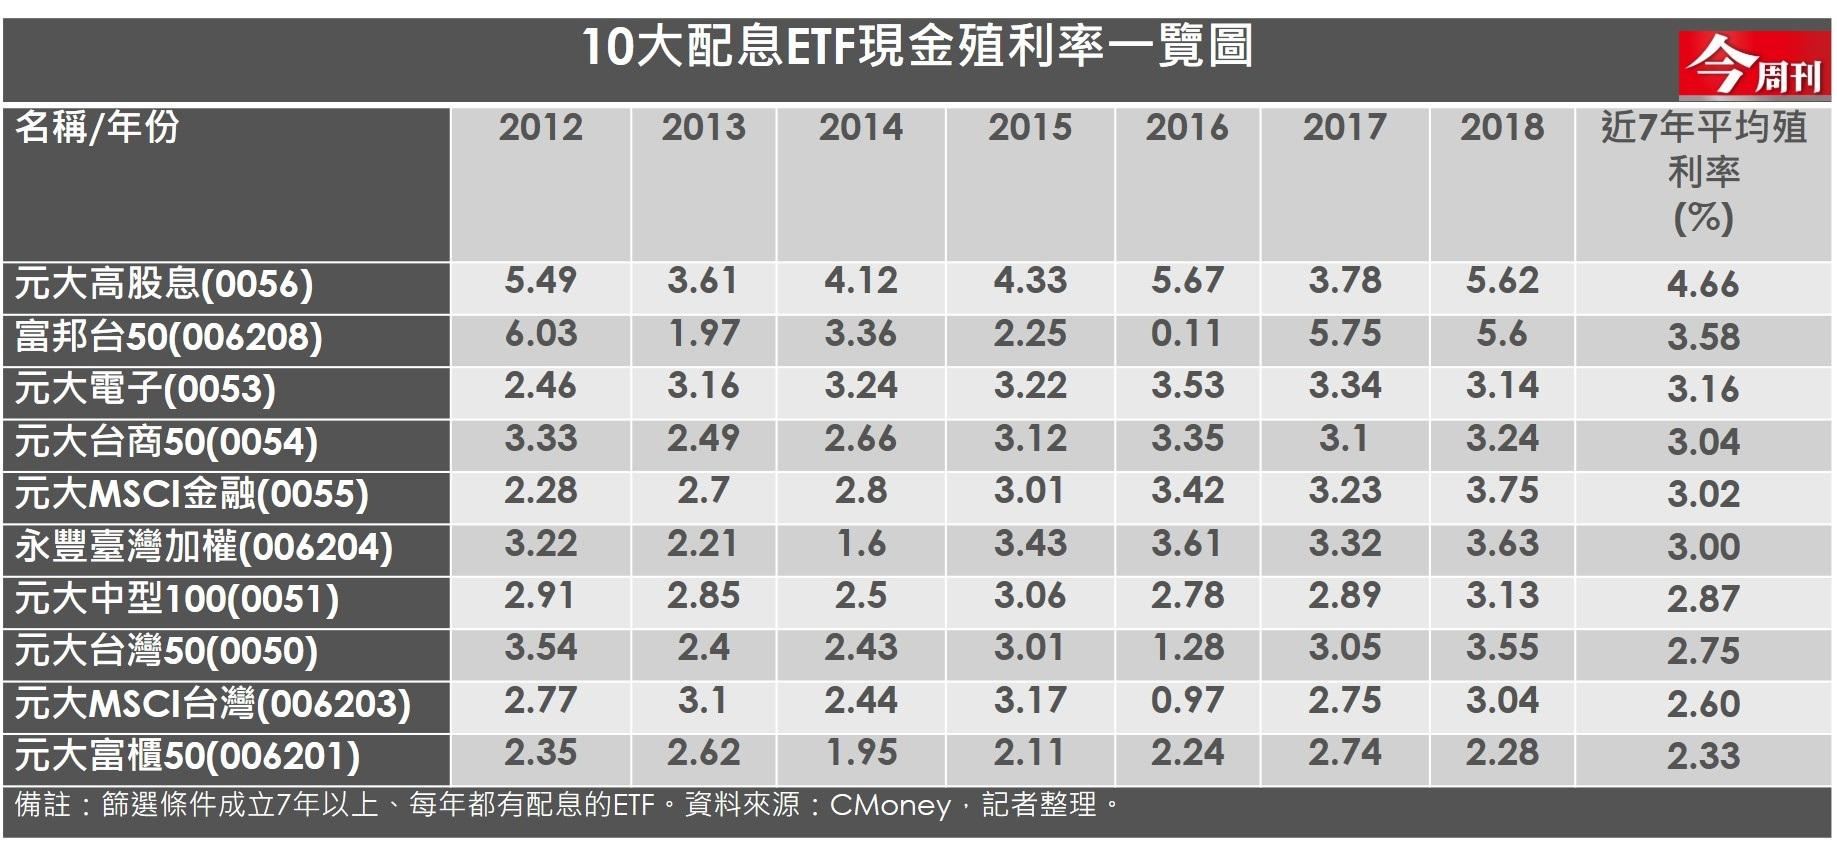 10大配息ETF現金殖利率一覽圖